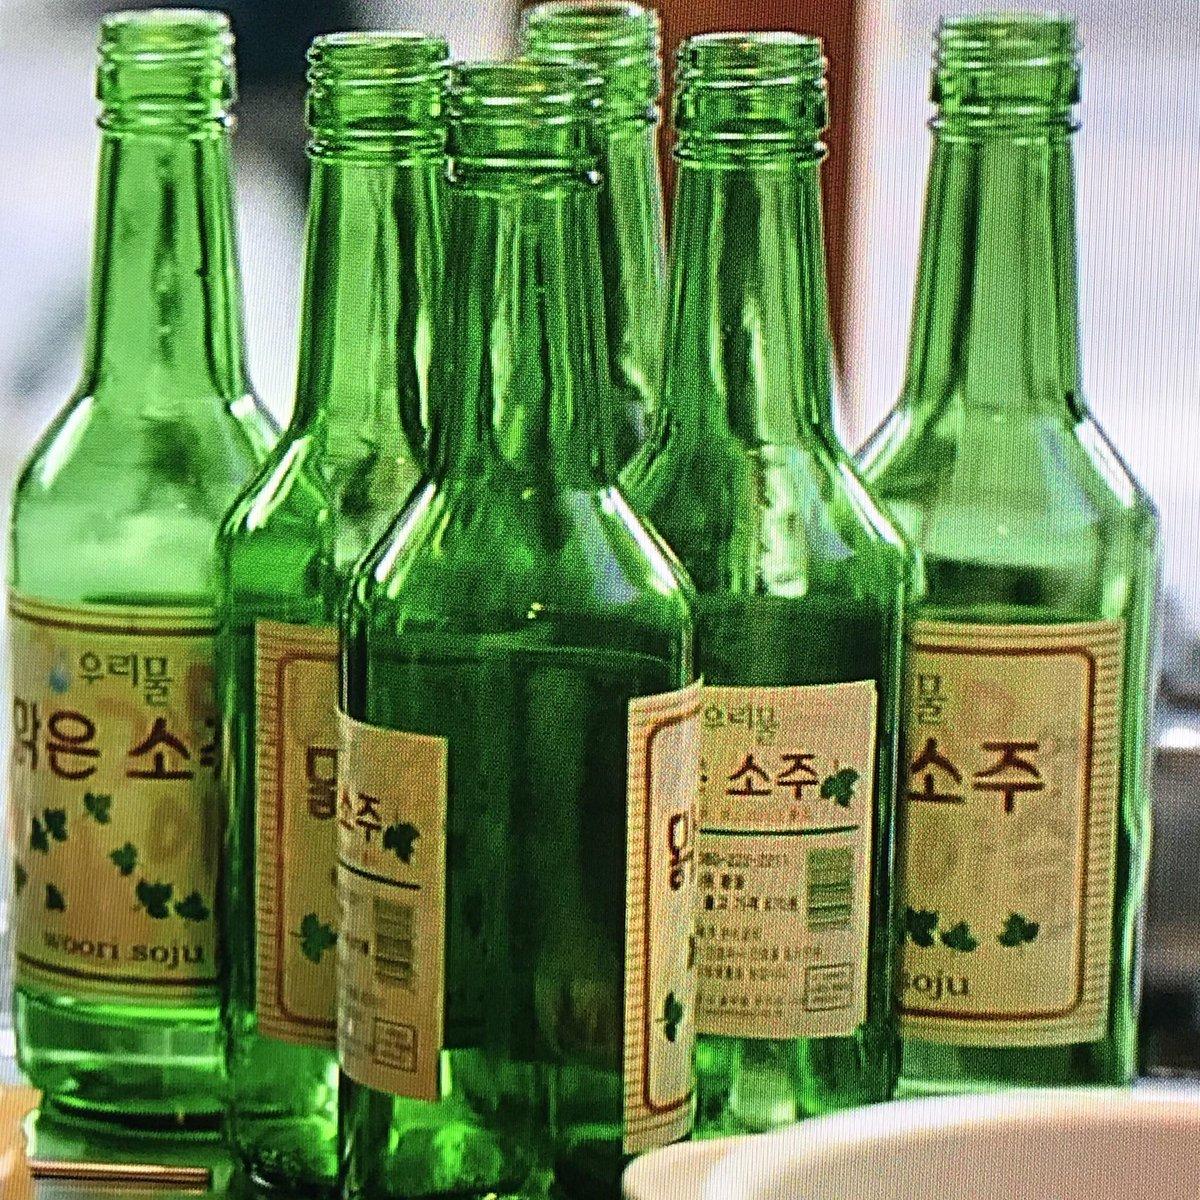 test ツイッターメディア - 太陽の末裔のお酒、グレープフルーツのチャミスルの上からオリジナルのラベルを貼ってるとみた!!  でも次のシーンでは蓋が緑色なんだよねー、色んな種類の使ってるのかな。 でもやっぱりきっとチャミスルだよね! https://t.co/ncF97BXtjH